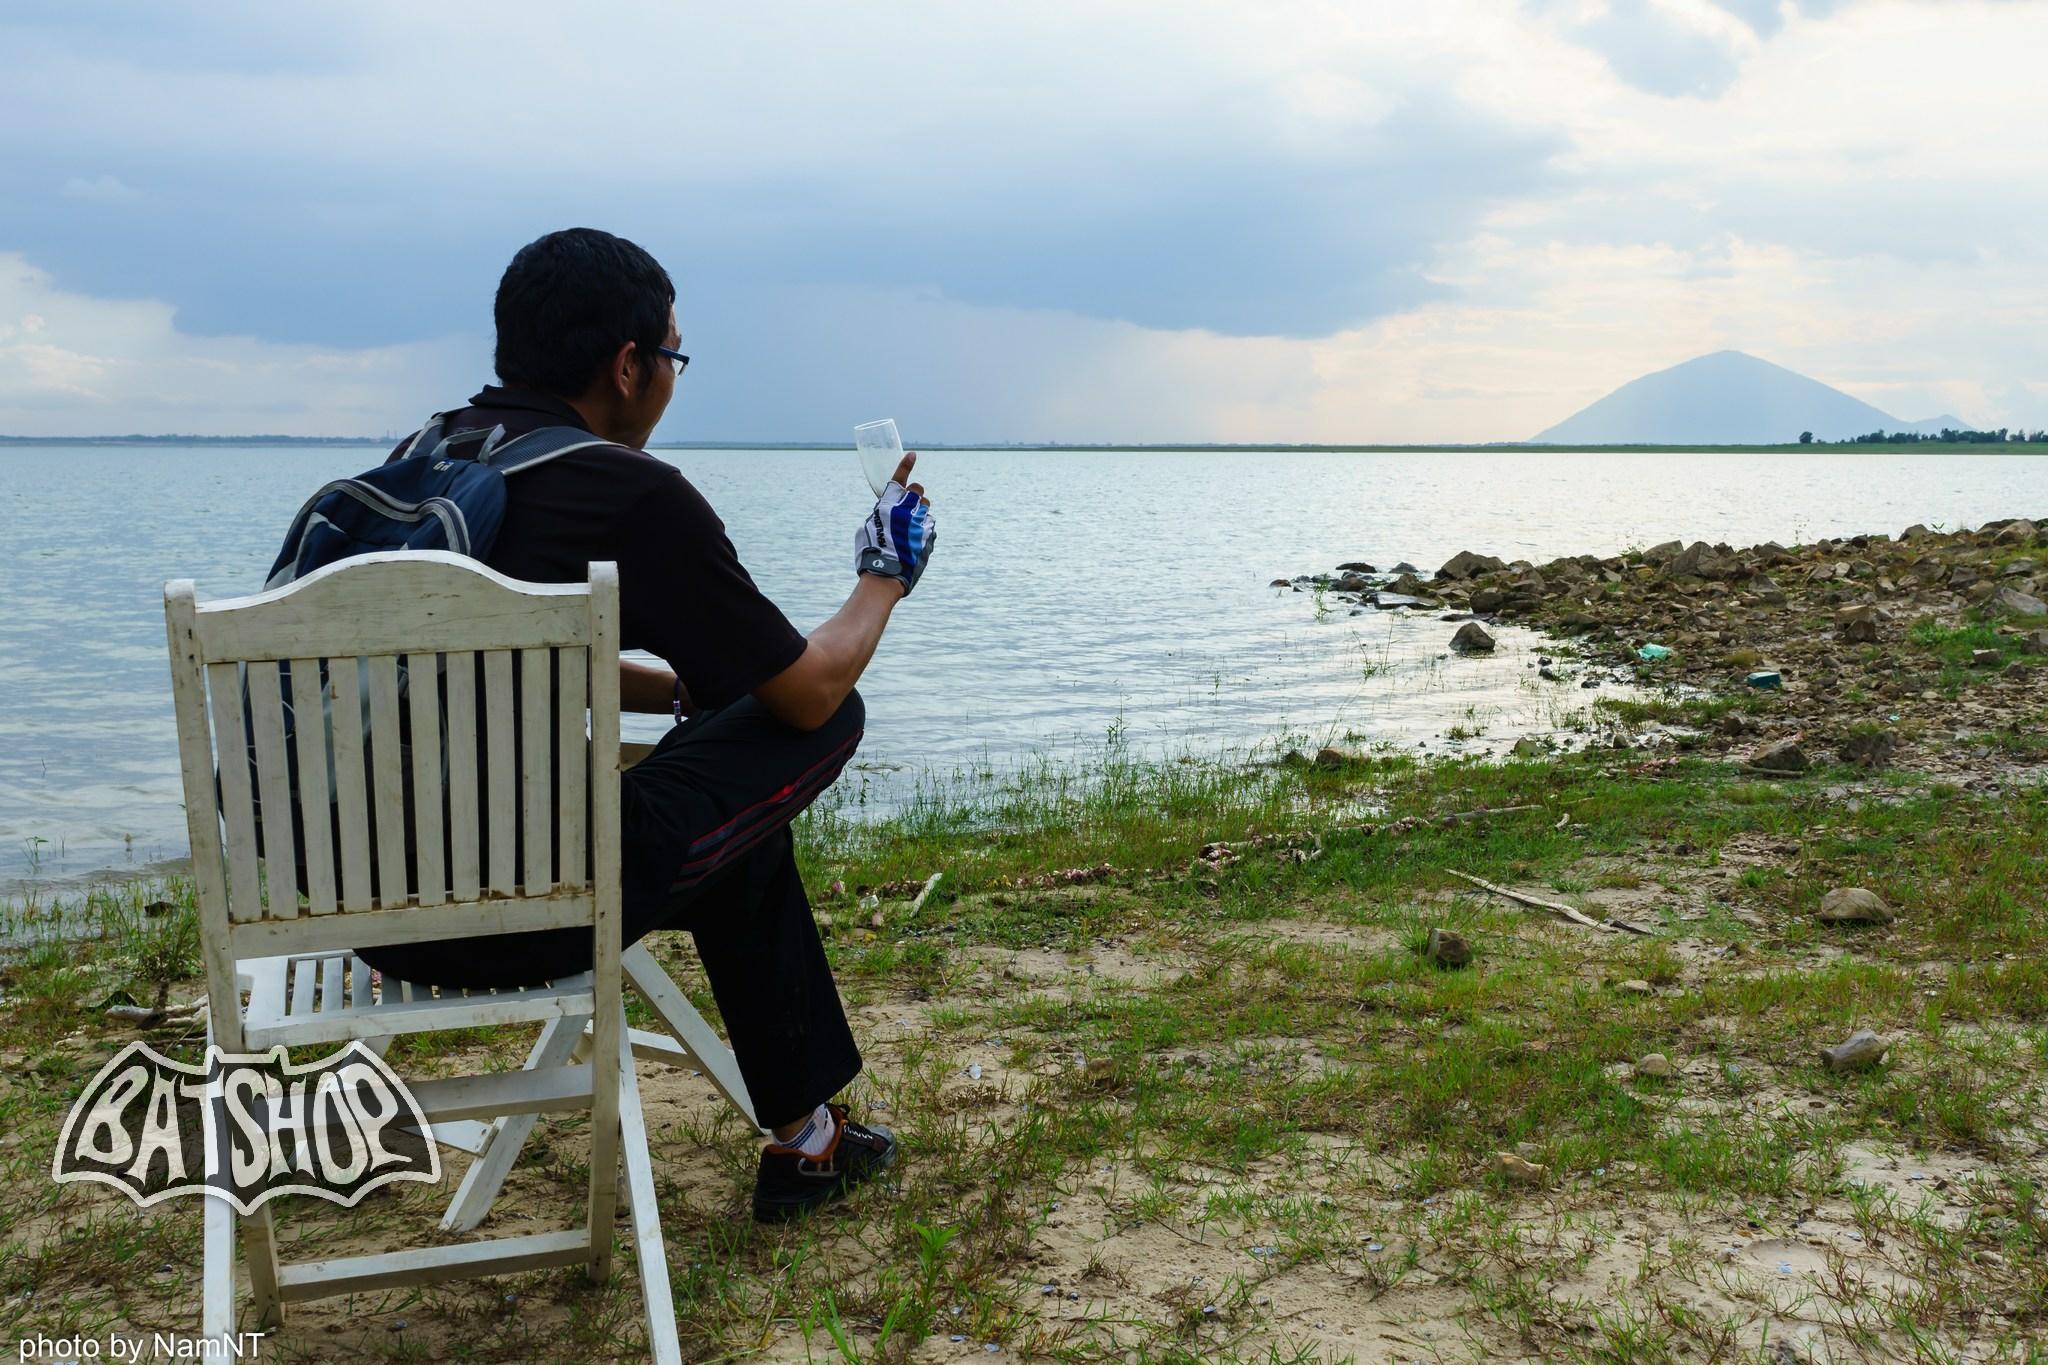 20024531134 53483d09aa k - Hồ Cần Nôm-Dầu Tiếng chuyến đạp xe, băng rừng, leo núi, tắm hồ, mần gà